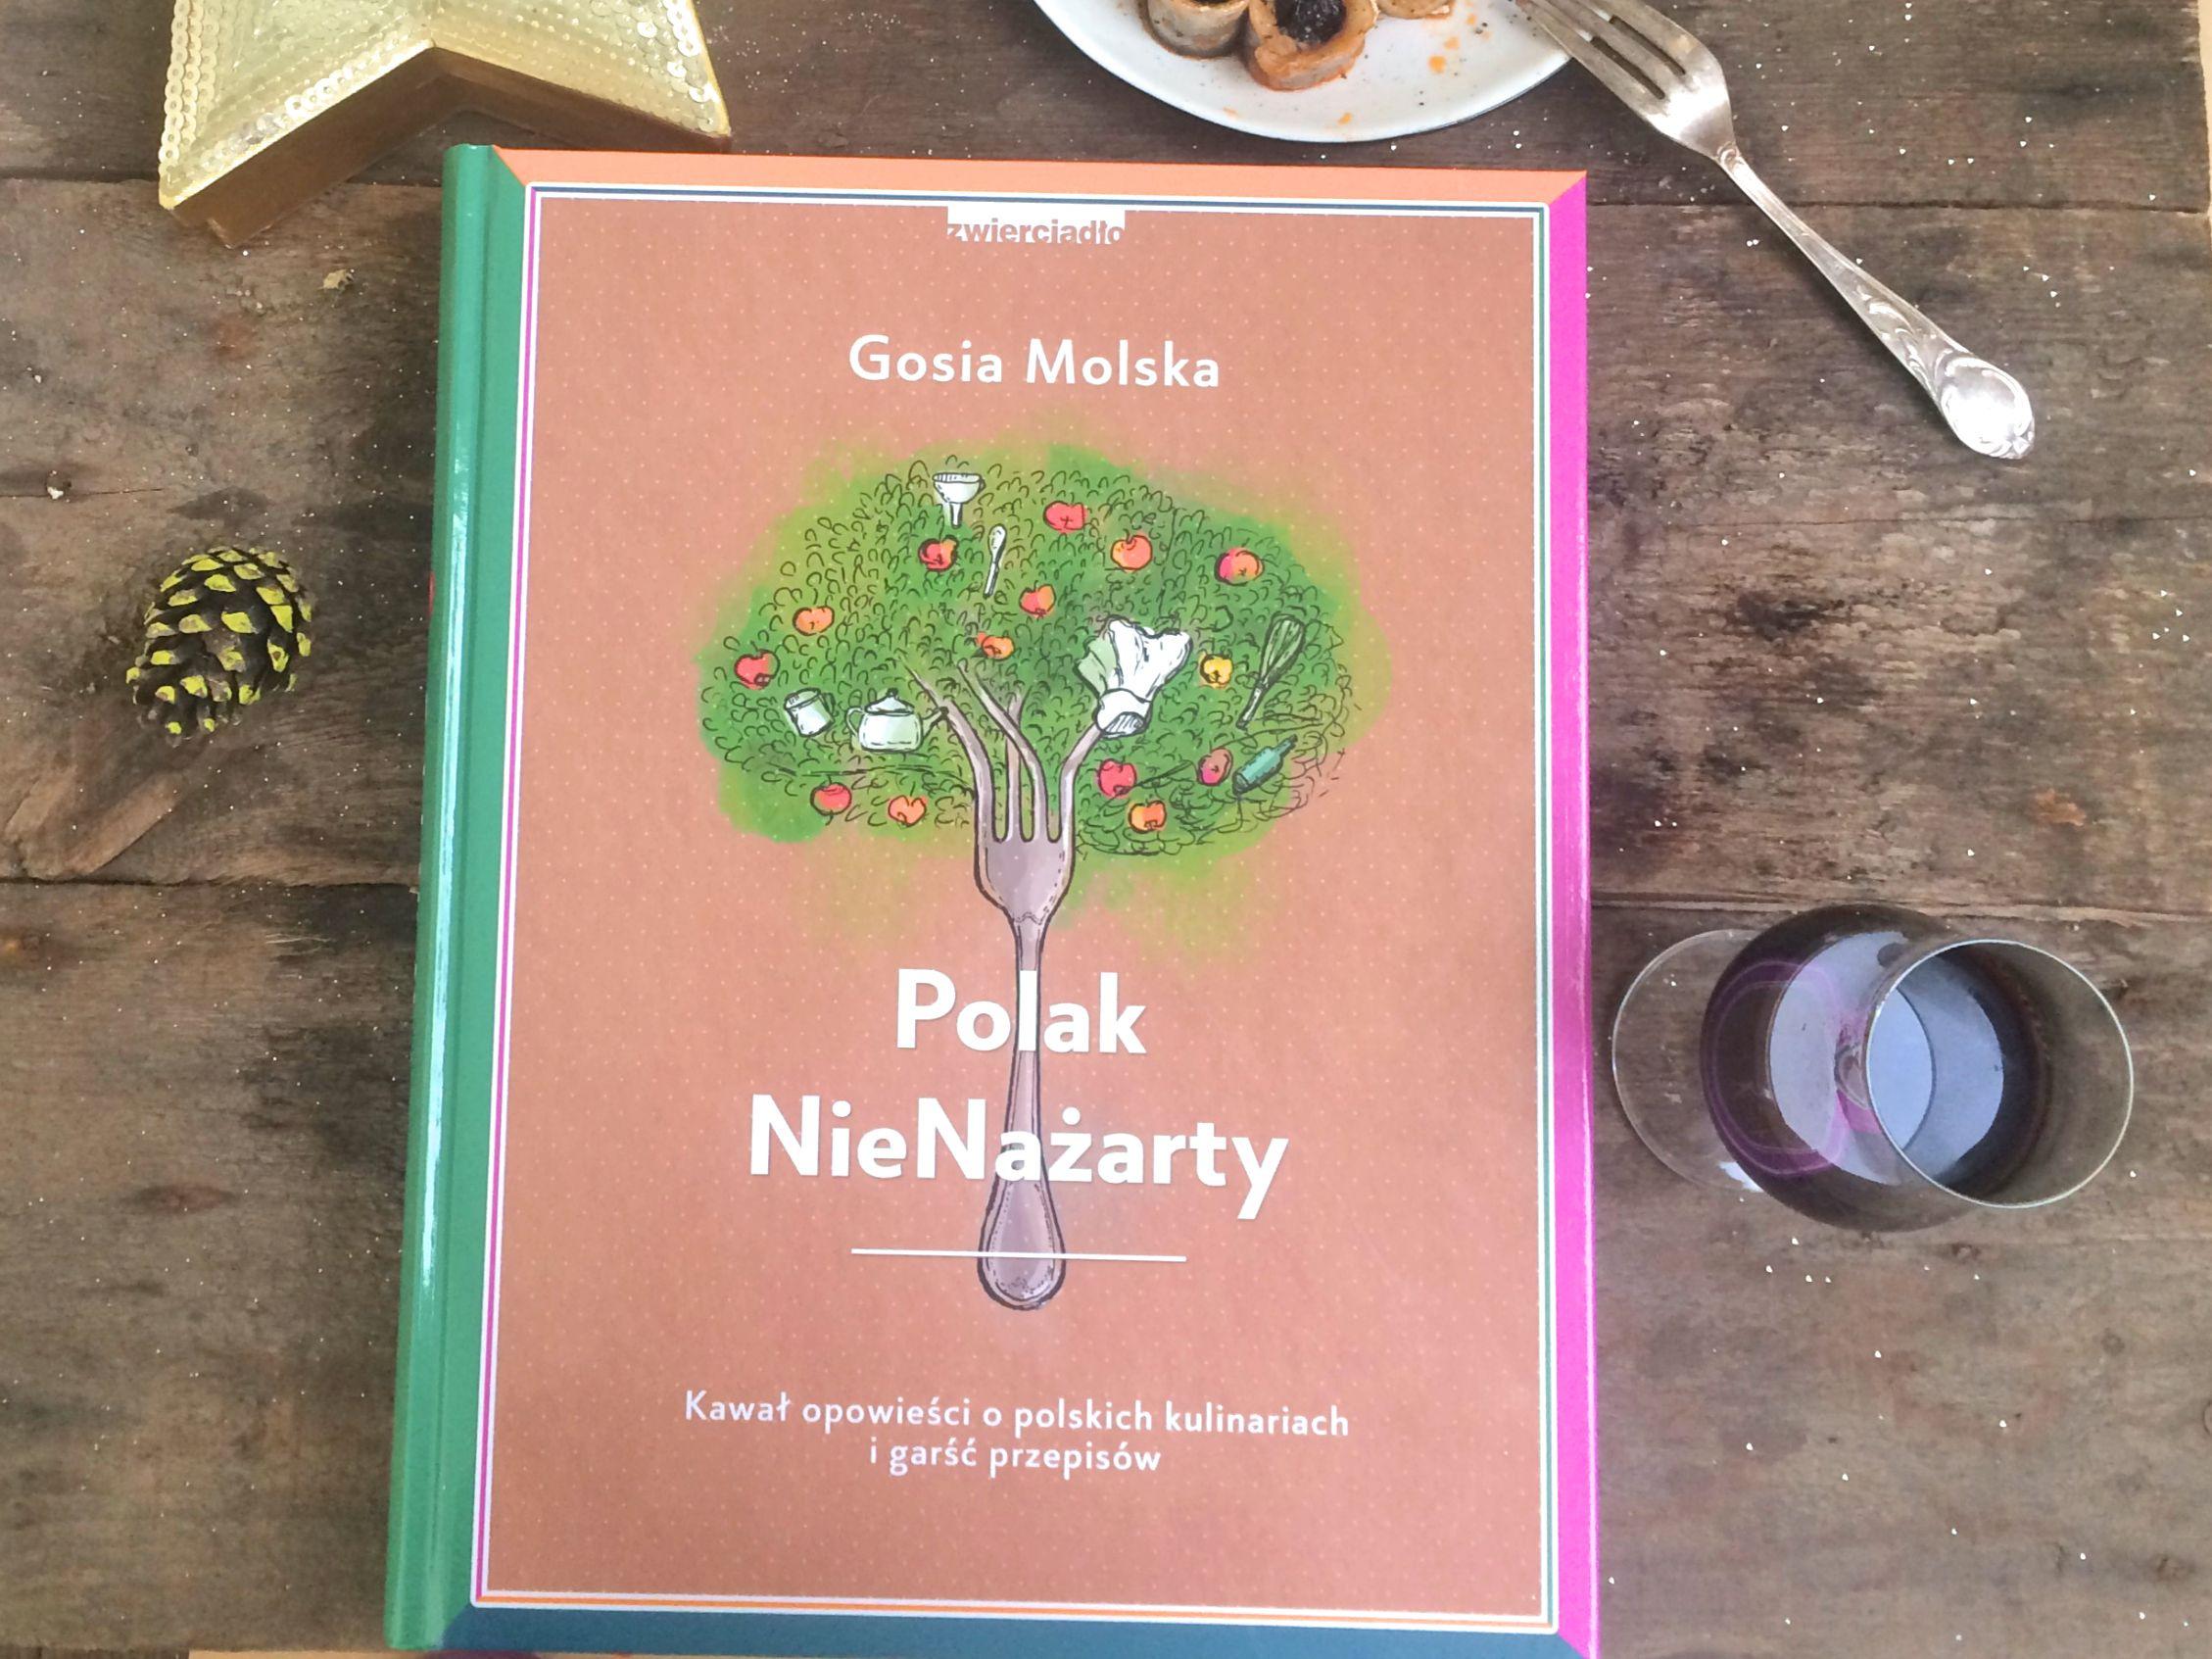 Polak NieNażarty Kawał opowieści o polskich kulinariach - Gosia Molska